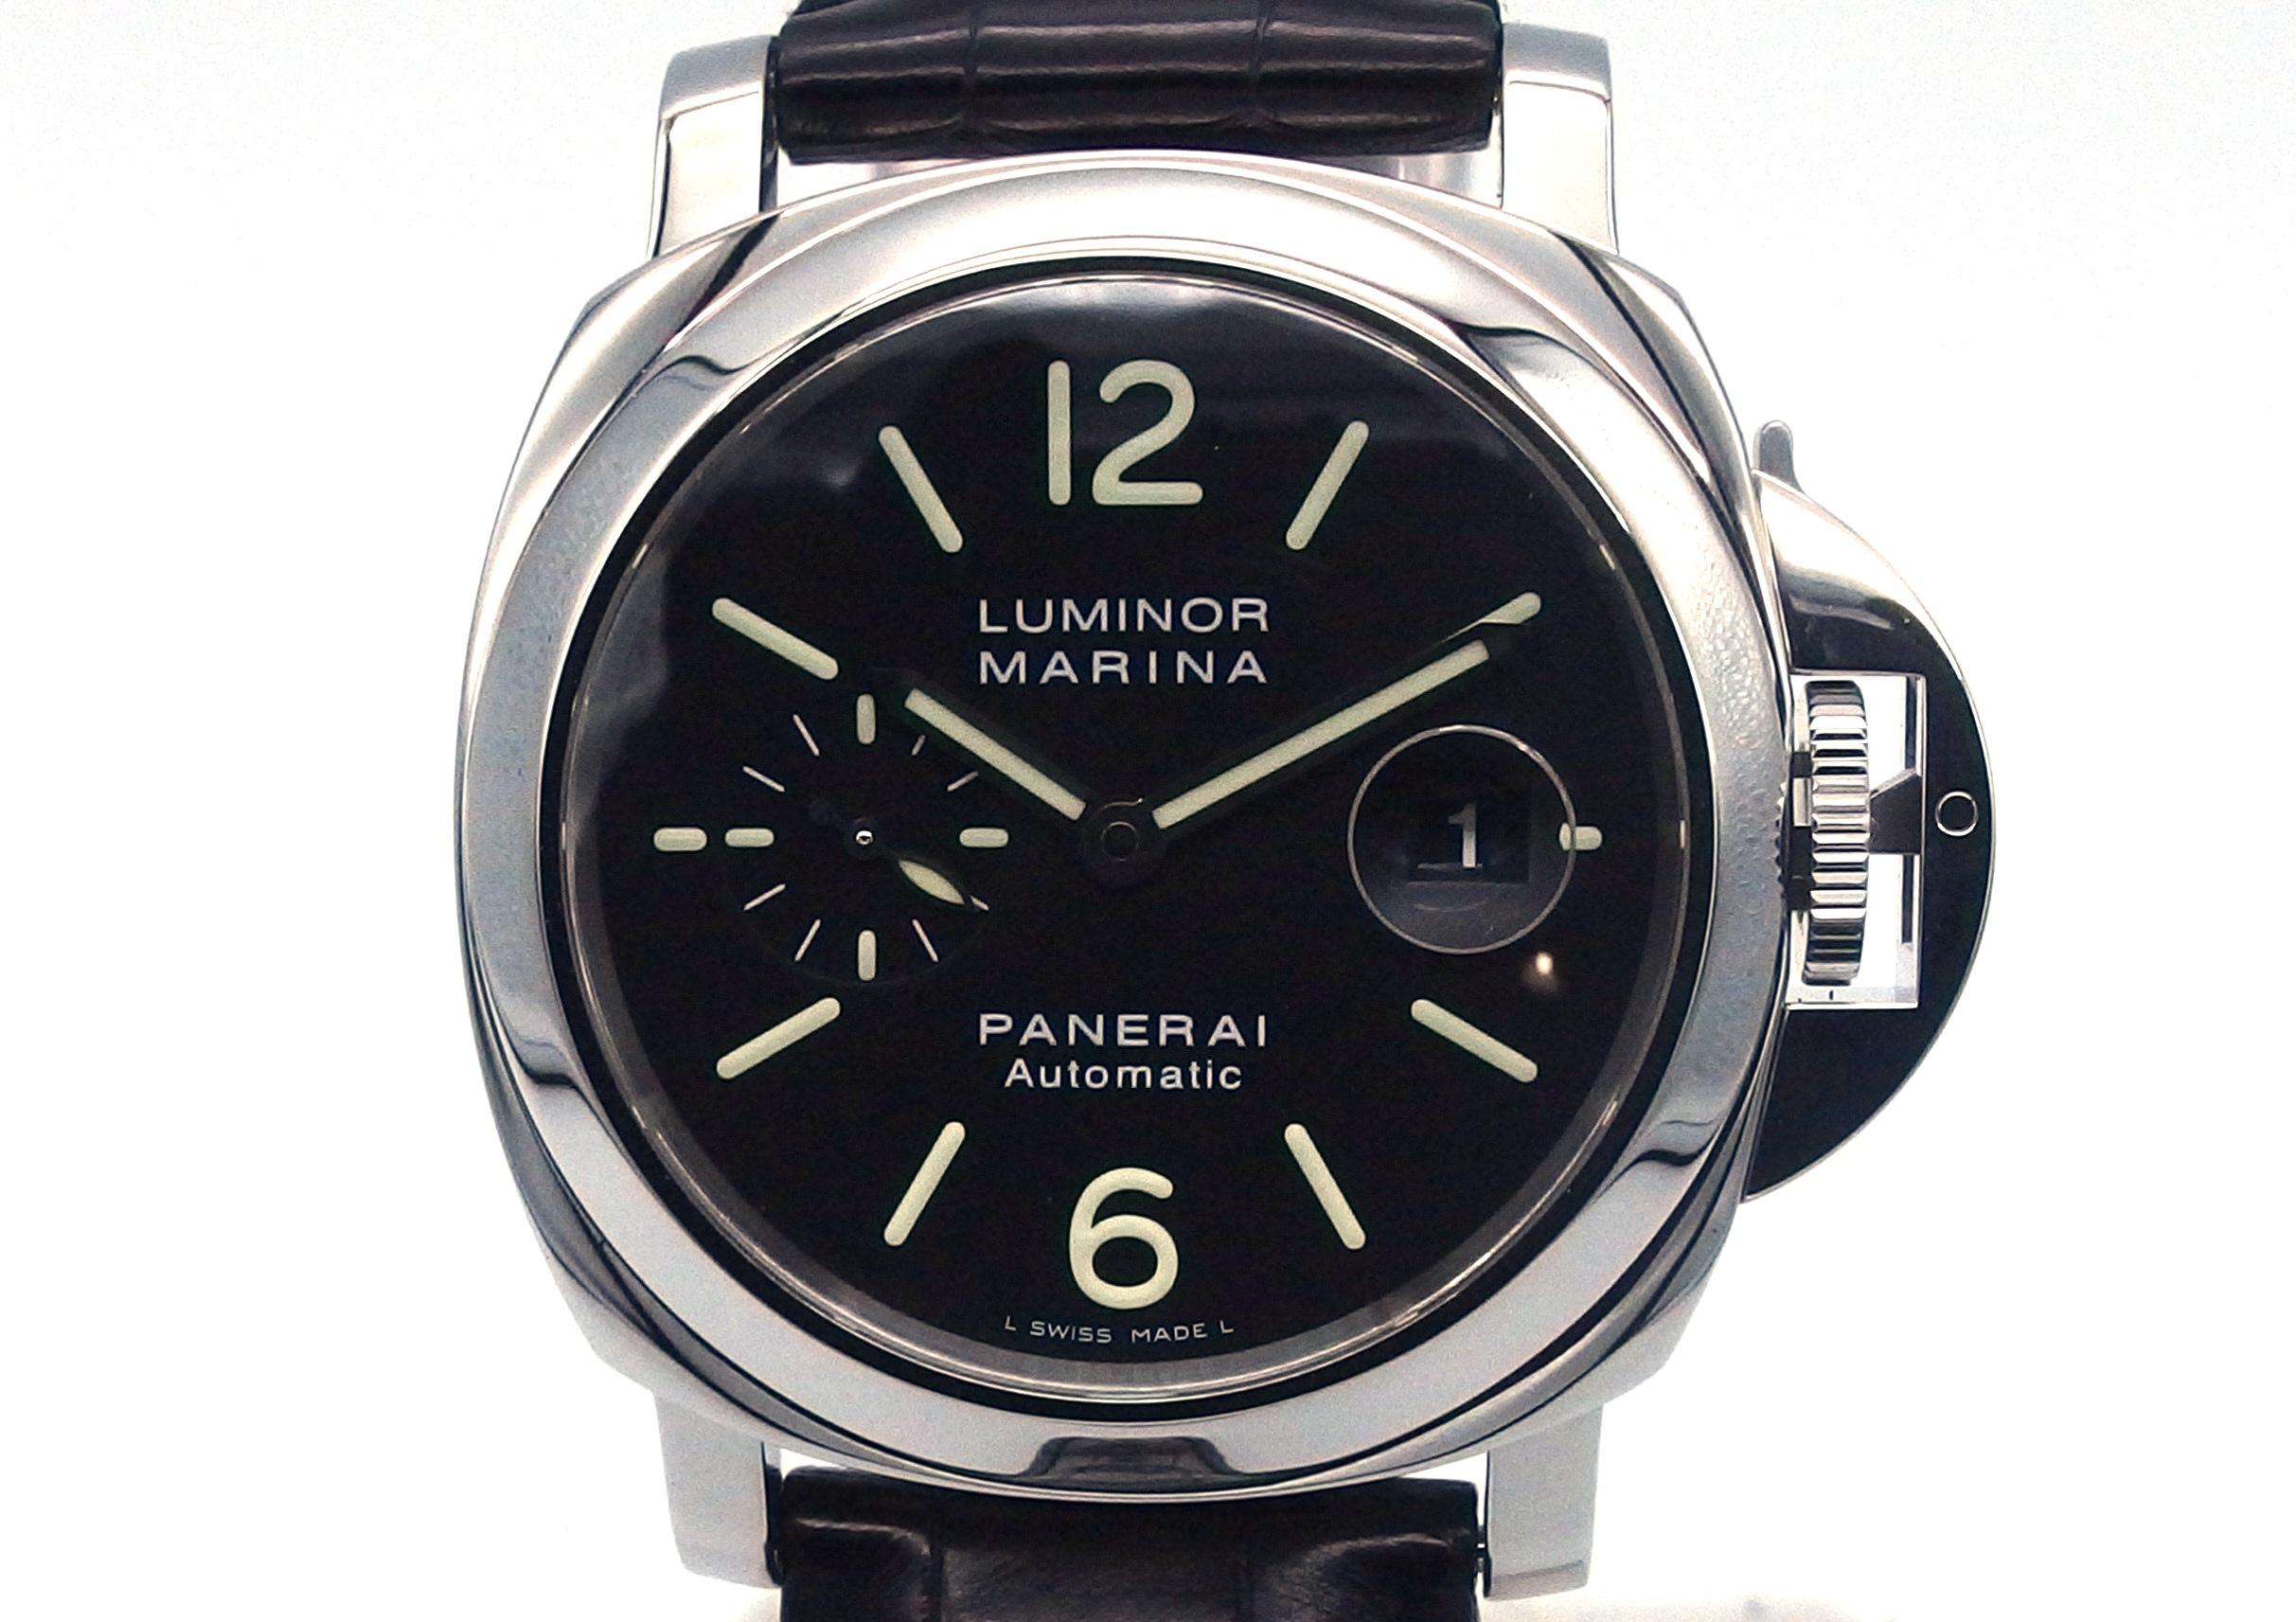 2008年1月国内ギャラ PANERAI パネライ ルミノール マリーナ PAM00104 オートマチック SS/革 ブラック 【432】